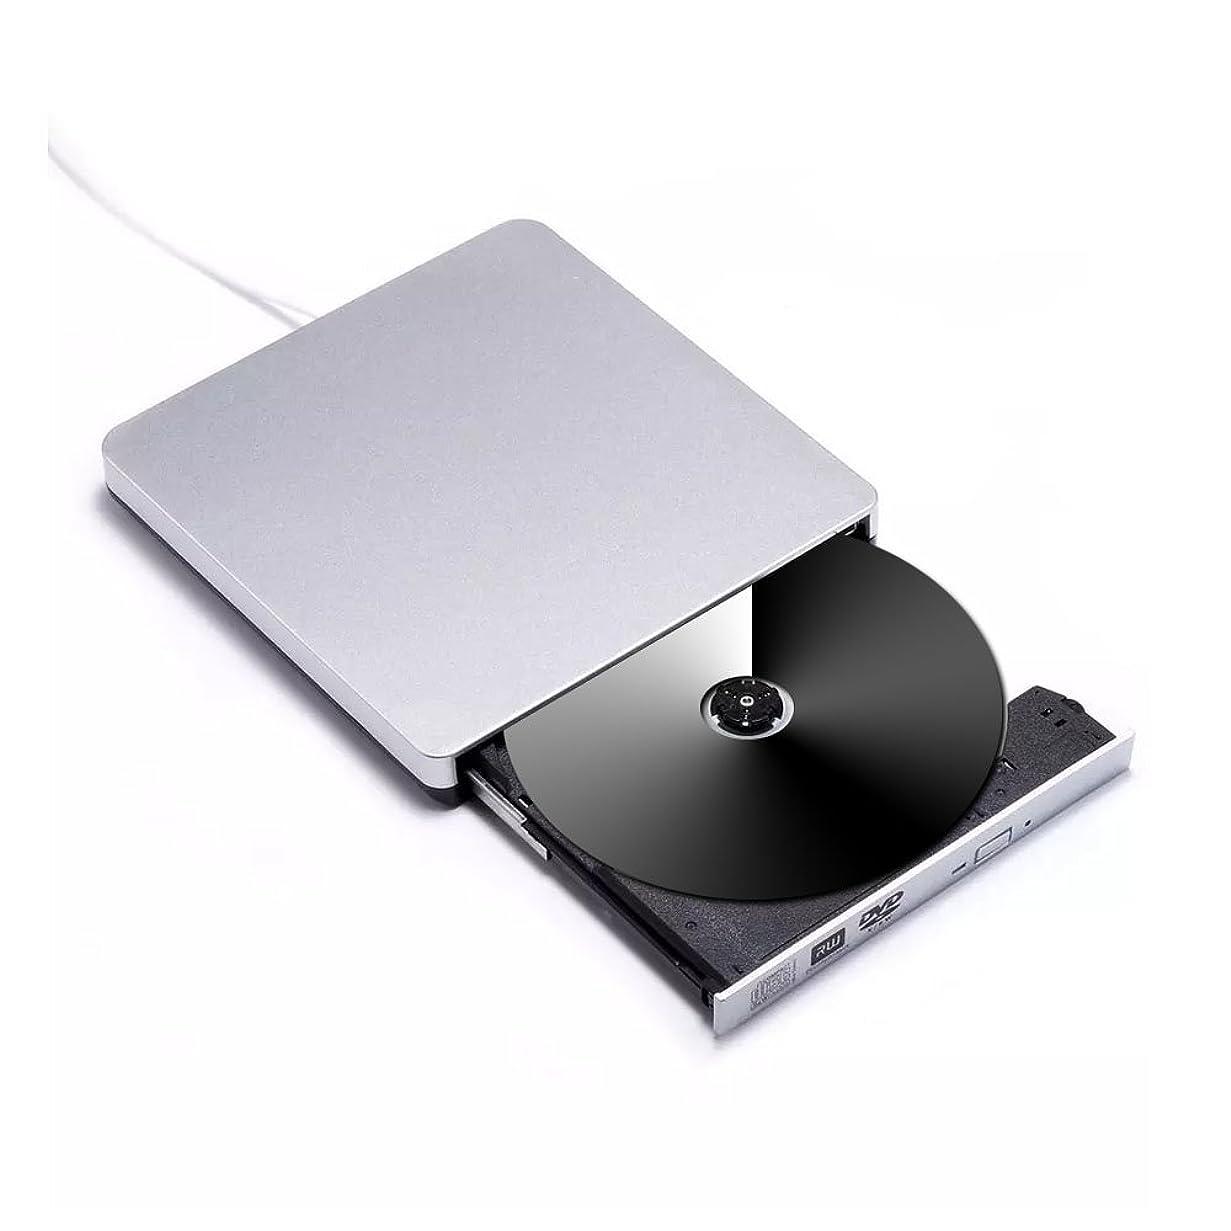 論争的奇跡的な遠洋のSTOTOY USB 3.0外付け DVD ドライブ DVD-RWドライブ DVD プレイヤー ポータブルドライブ 高速 Macbook Air Pro / Air / iMaとラップトップデスクトップに対応 Windows / Vista / 7 / 8.1 / 10,Mac OSX-ブラック